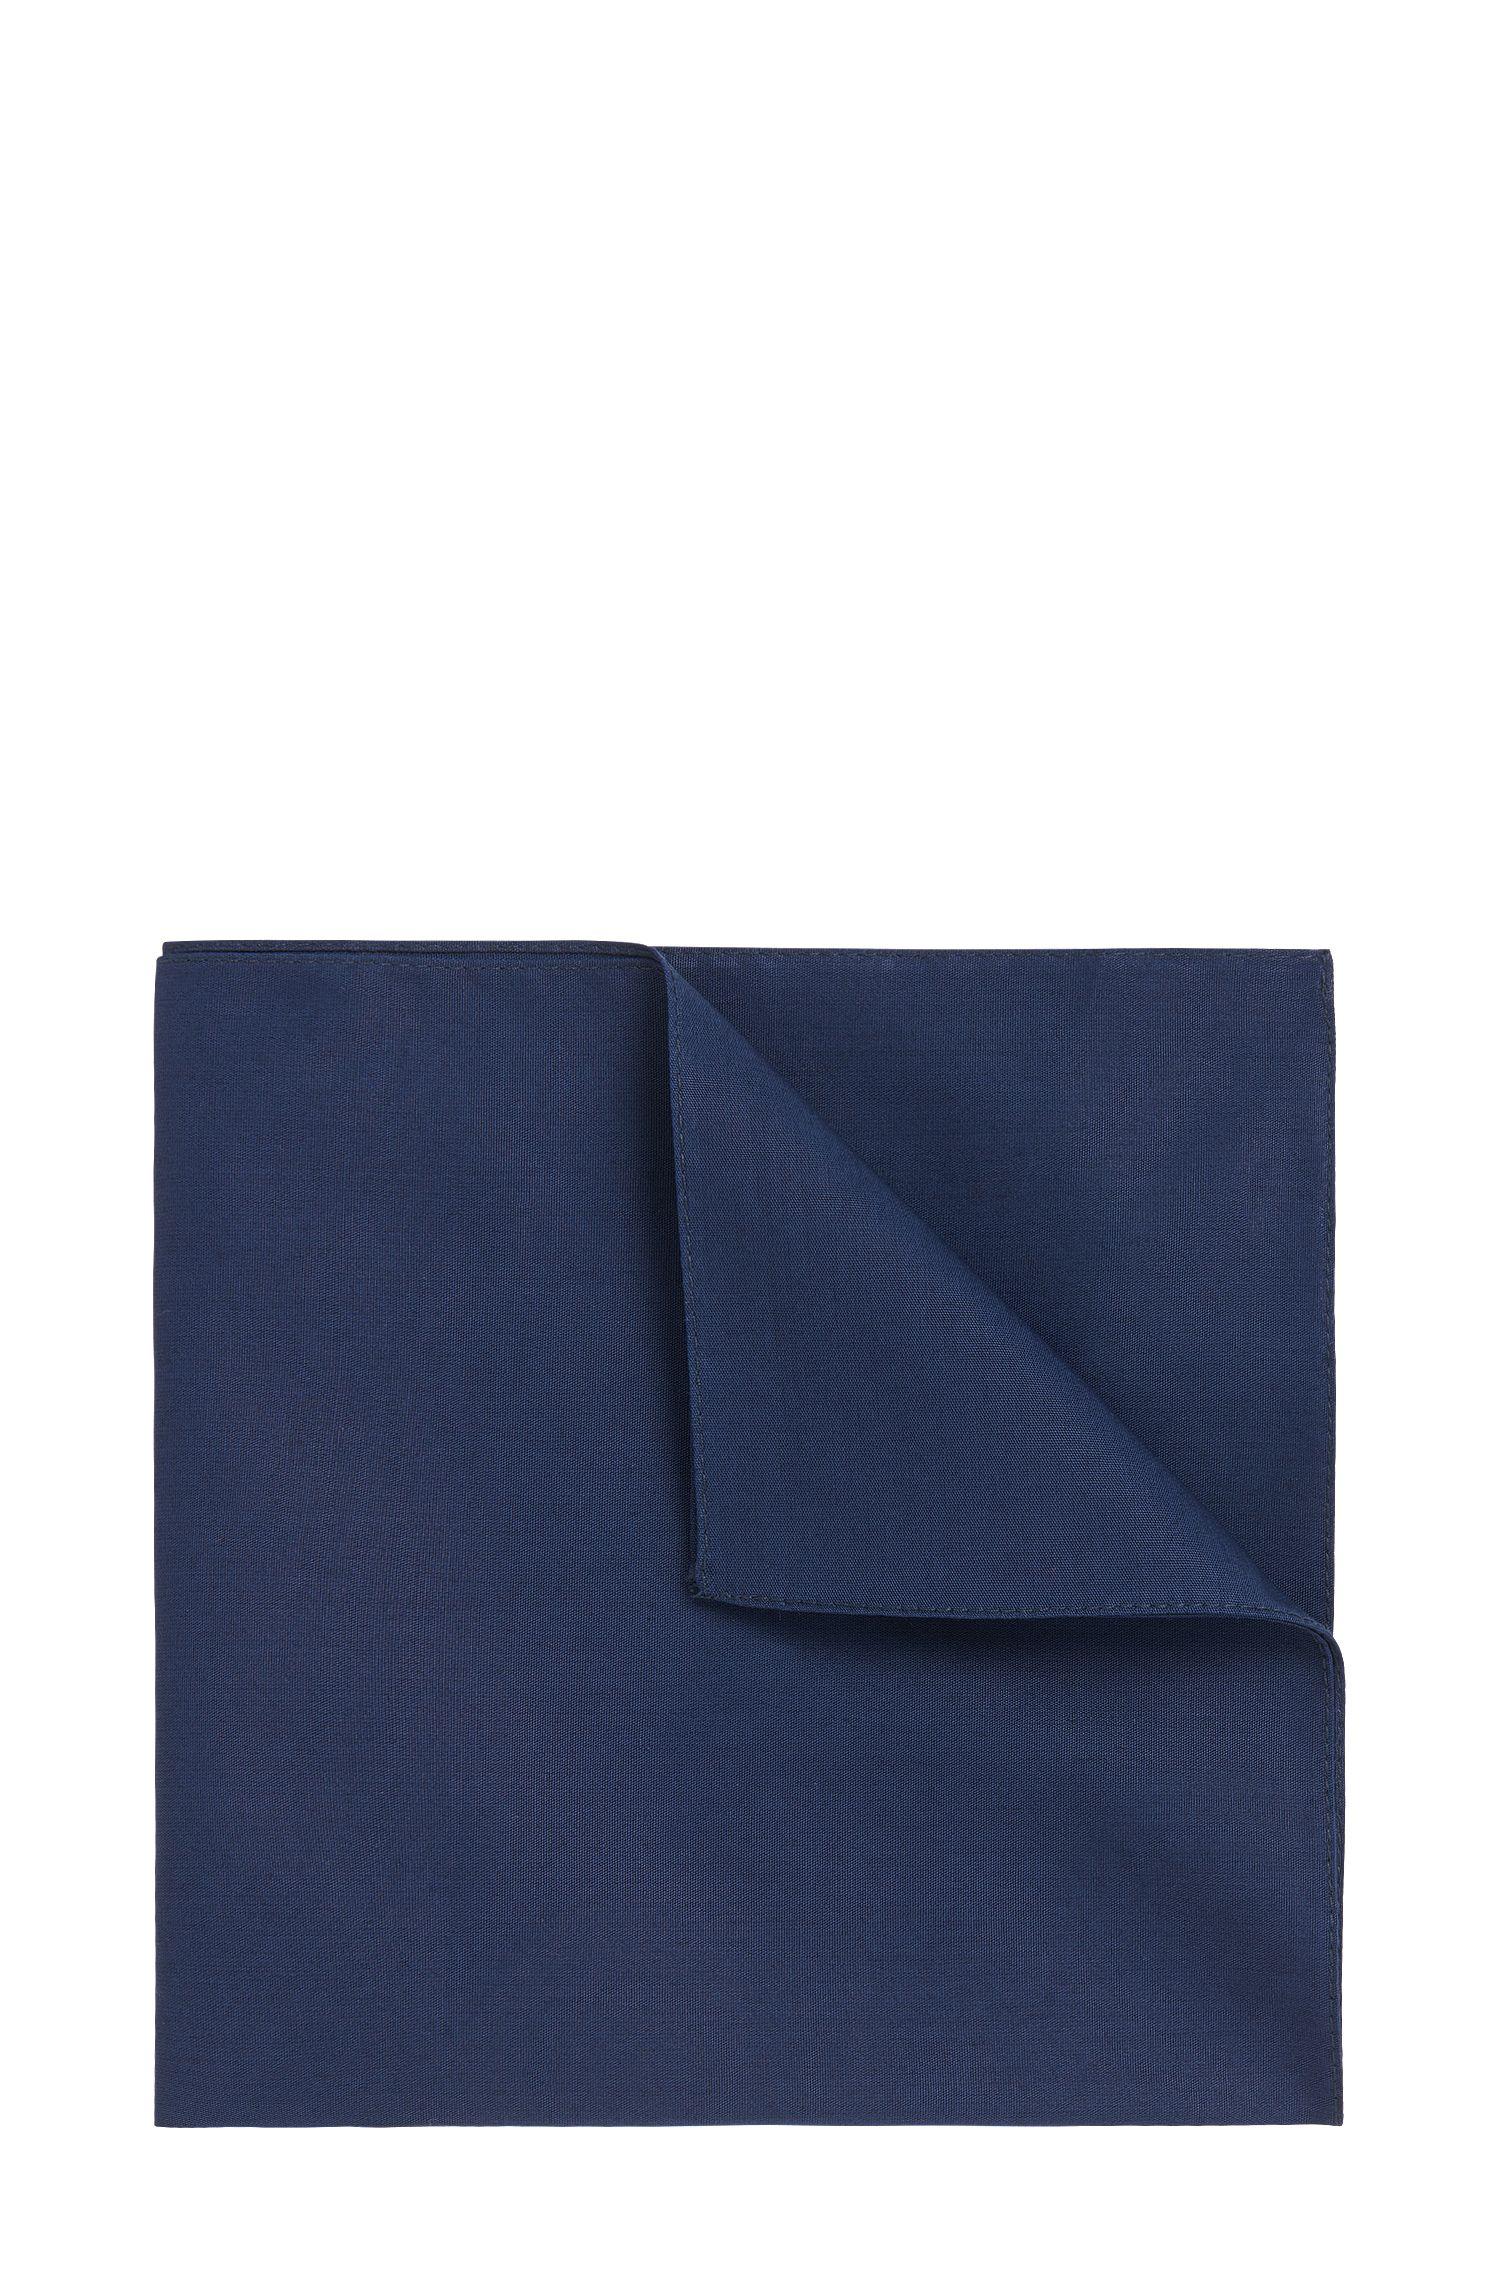 Unifarbenes Einstecktuch aus reiner Baumwolle: 'Pocket square 33x33'